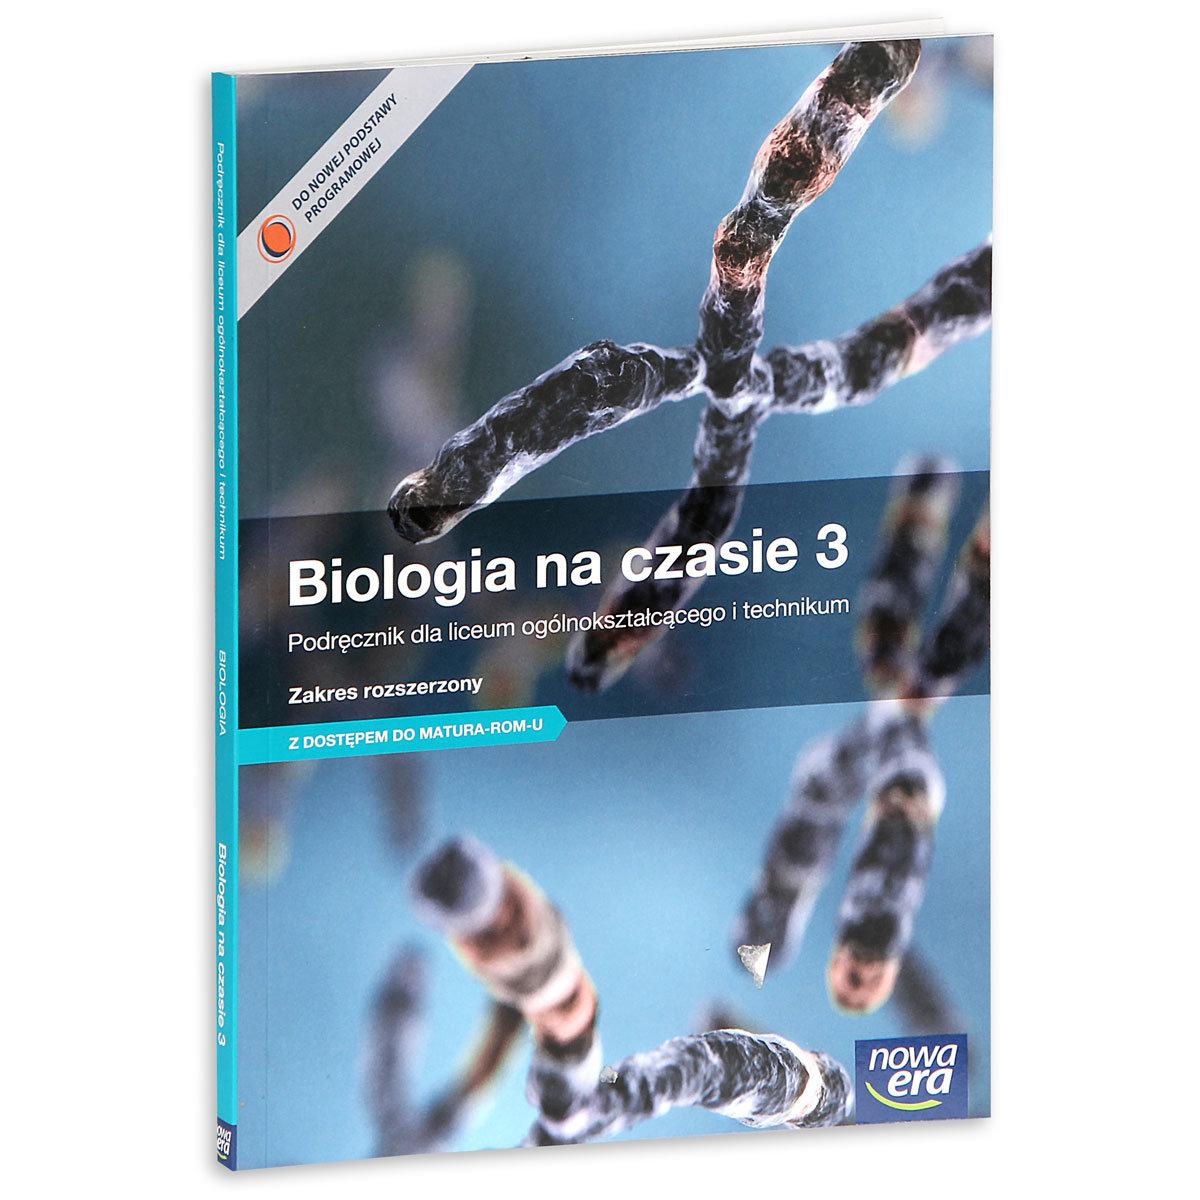 biologia na czasie 3 e podręcznik